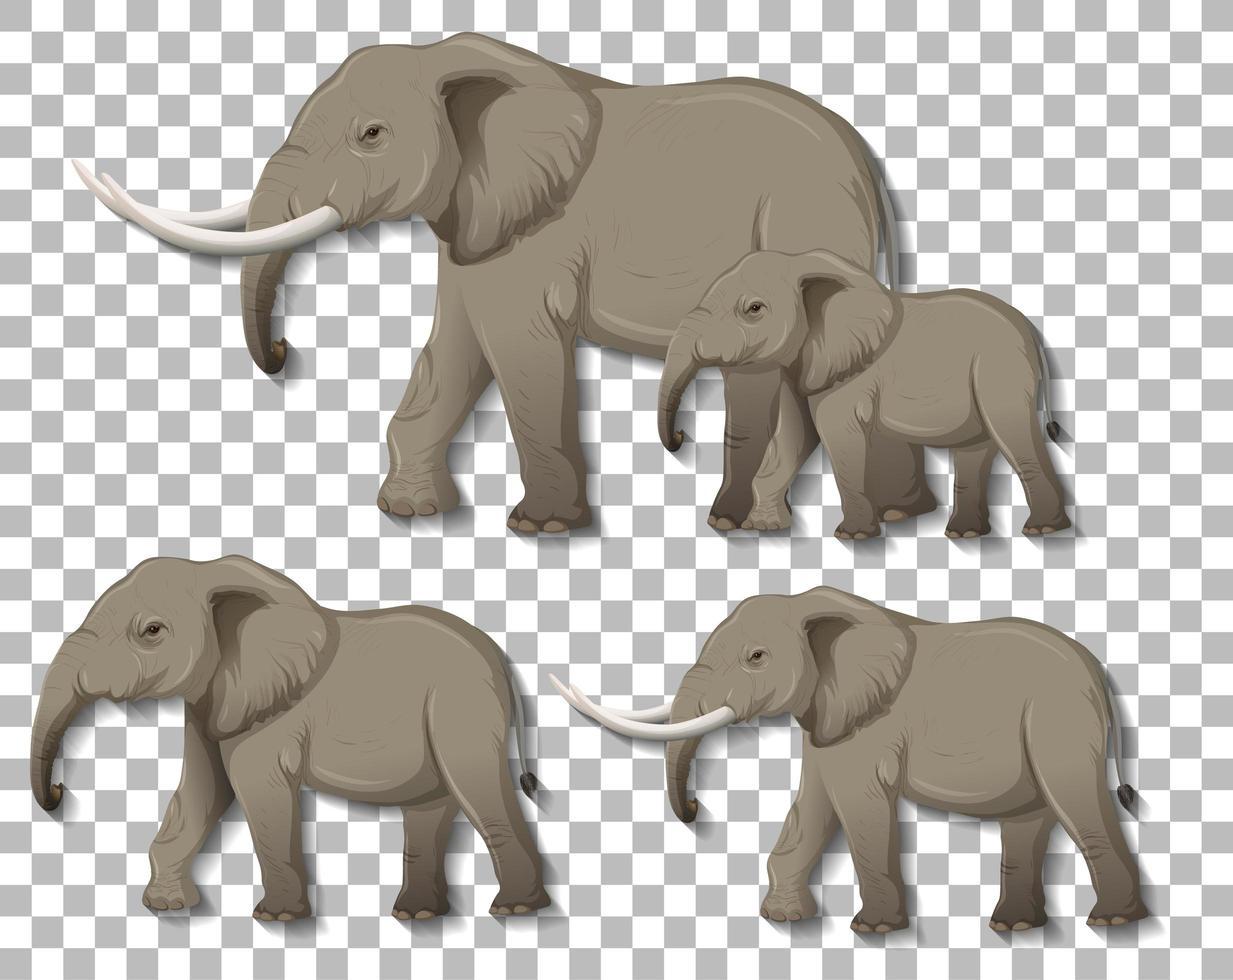 uppsättning isolerade elefanter på transparent bakgrund vektor